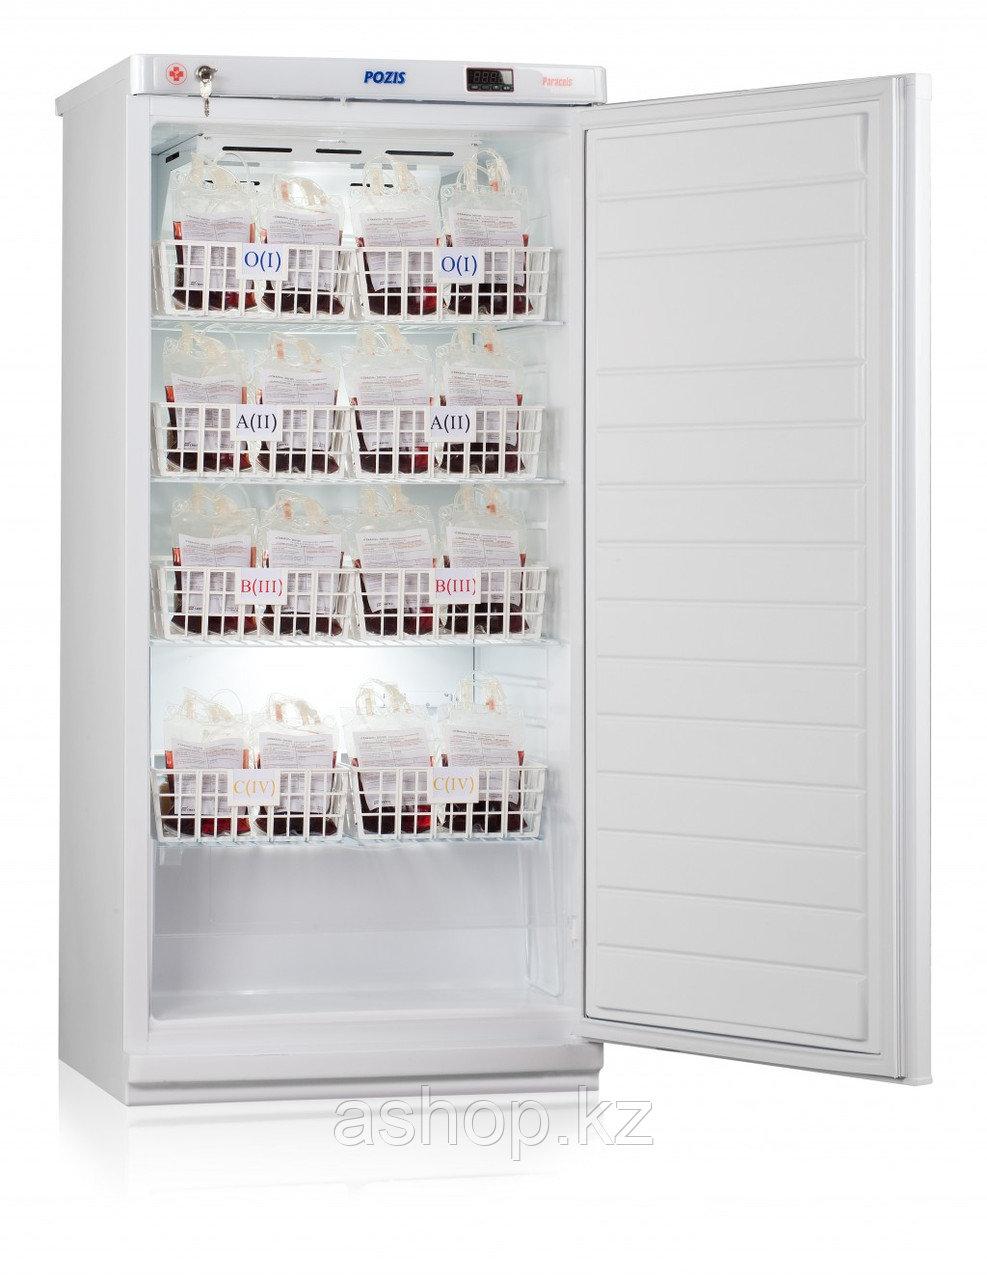 Холодильник для хранения крови Pozis ХК-250-1, Тип открывания: Дверца металлическая с замком, Объем: 250 л, Ко